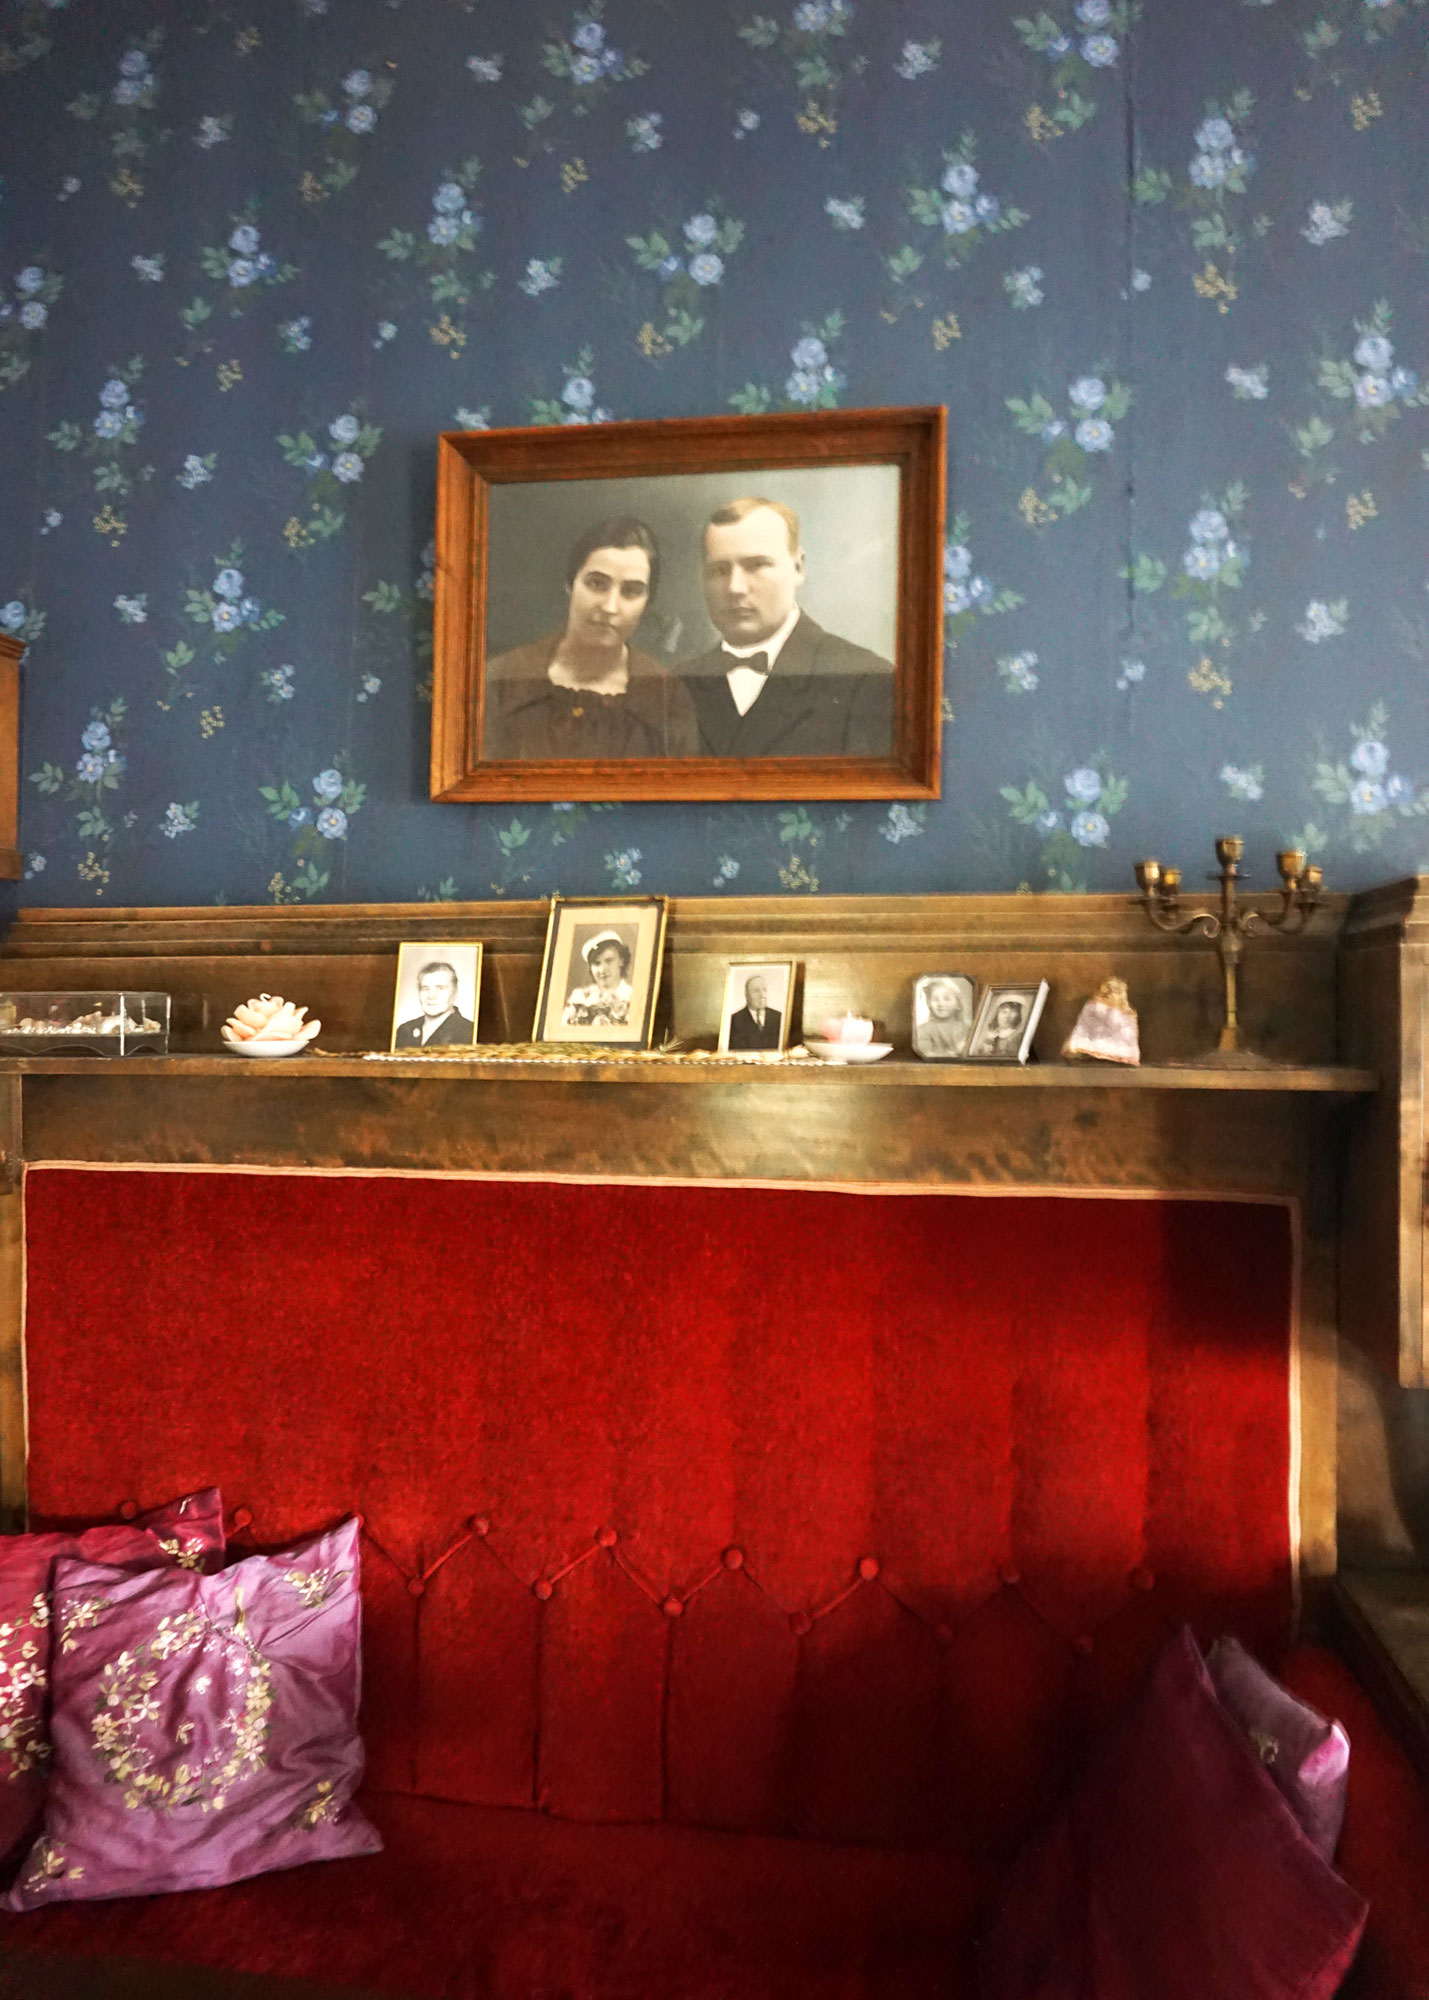 ek-frantsila-sali-sohvat.jpg